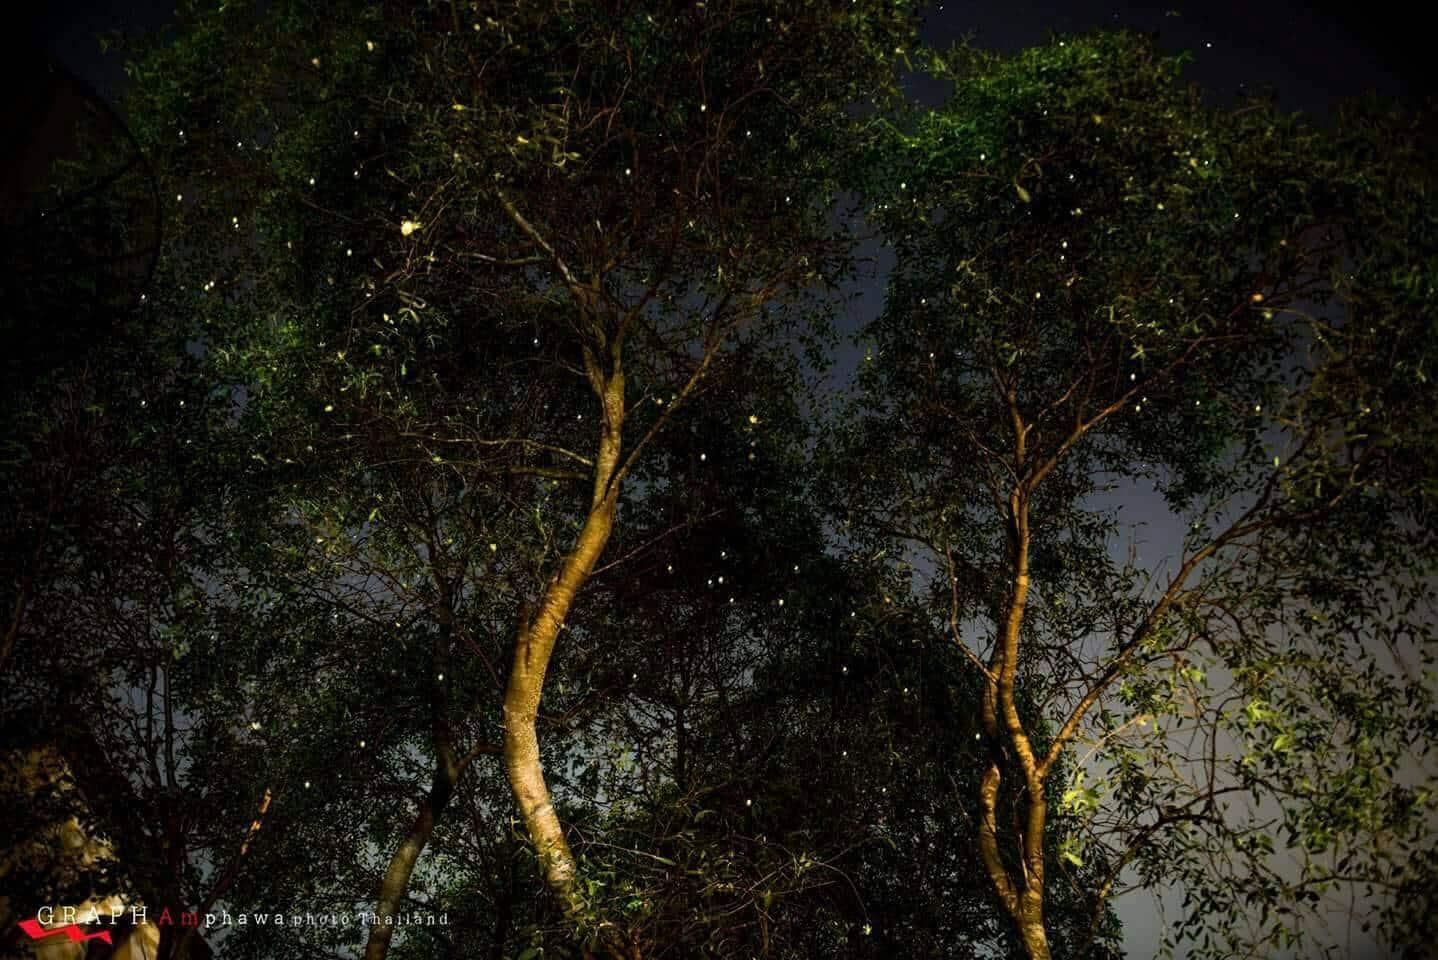 ที่พักอัมพวา ดูหิ่งห้อย บ้านสวนนวลตา พาชมหิ่งห้อยในที่พักแบบใกล้ชิด ปี2563 5 (9)